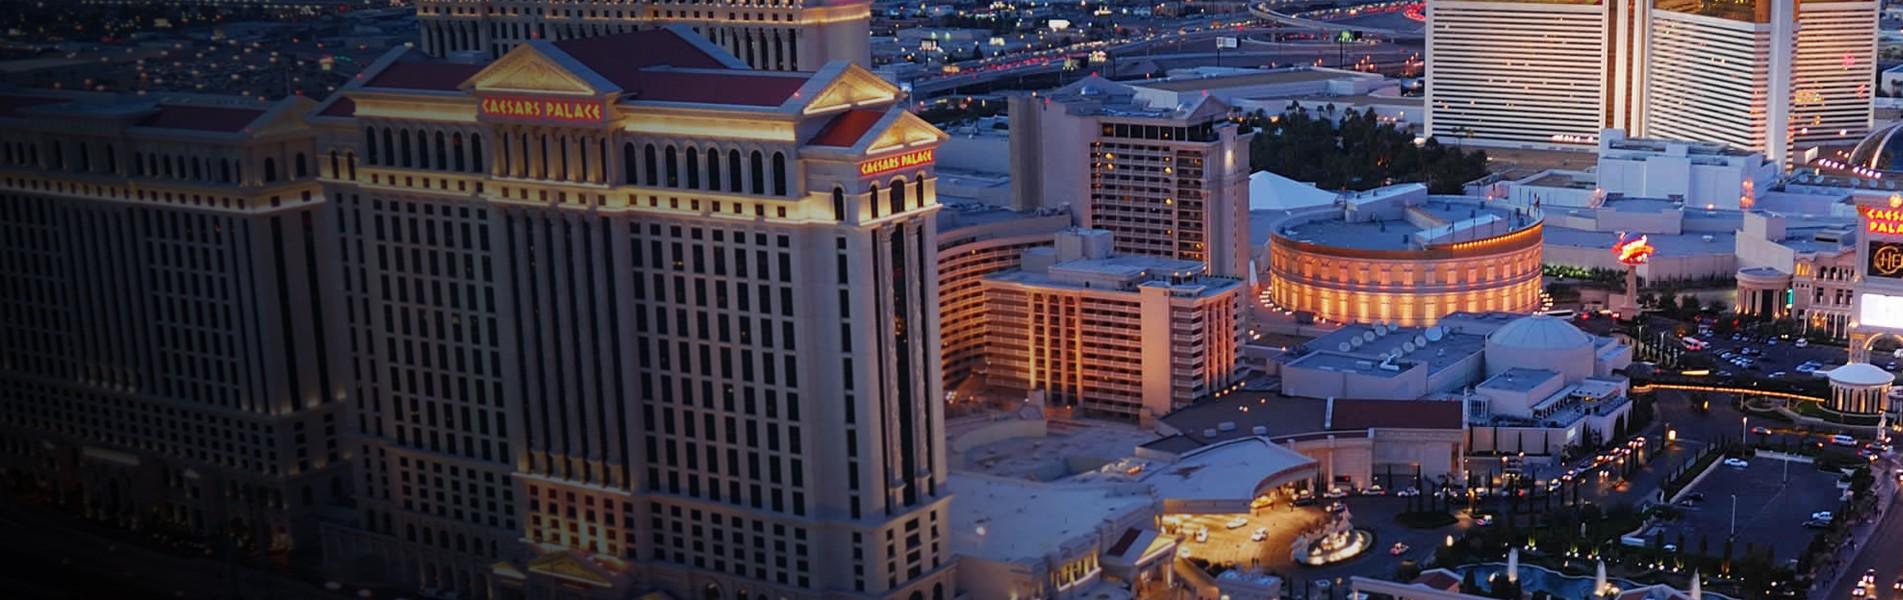 Caesars Palace Casino Las Vegas 1